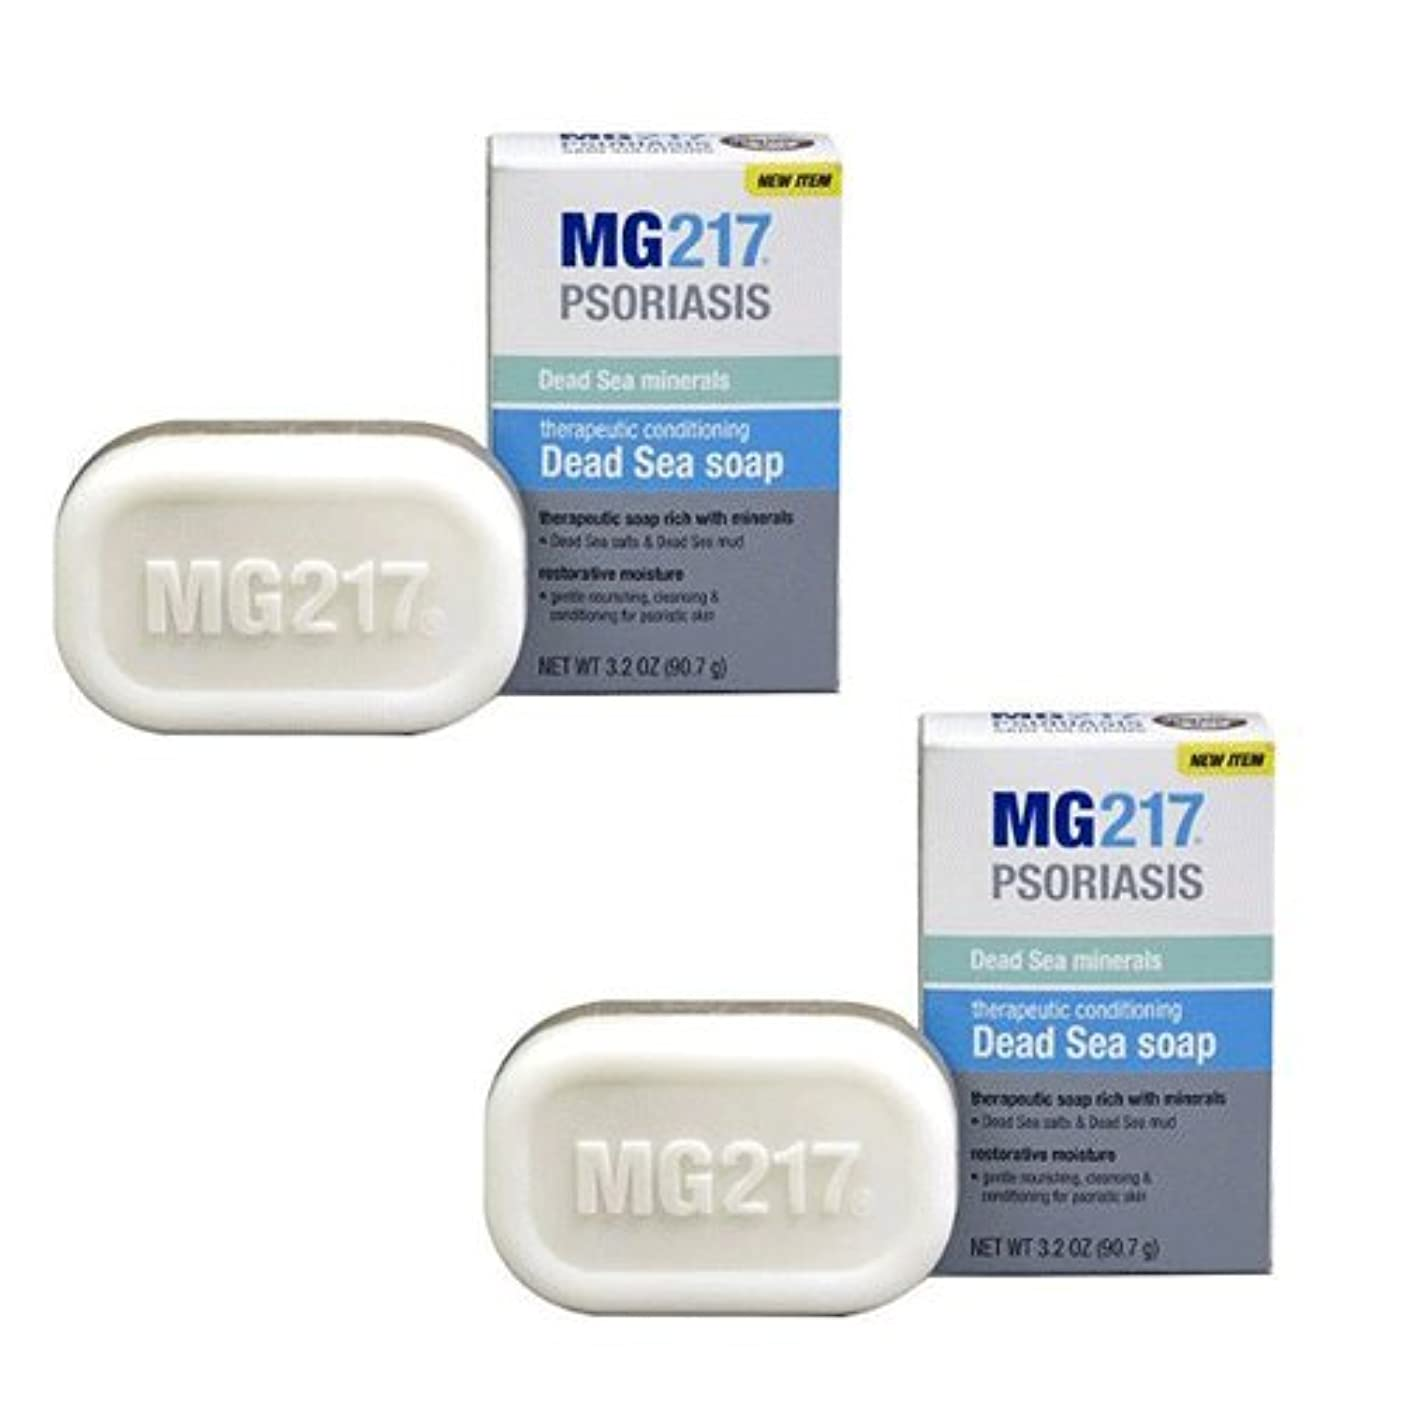 キャプチャー見込み大騒ぎ2個セット 死海の泥とミネラルたっぷり MG217ソープ 90g MG217 Psoriasis Therapeutic Conditioning Dead Sea Bar Soap